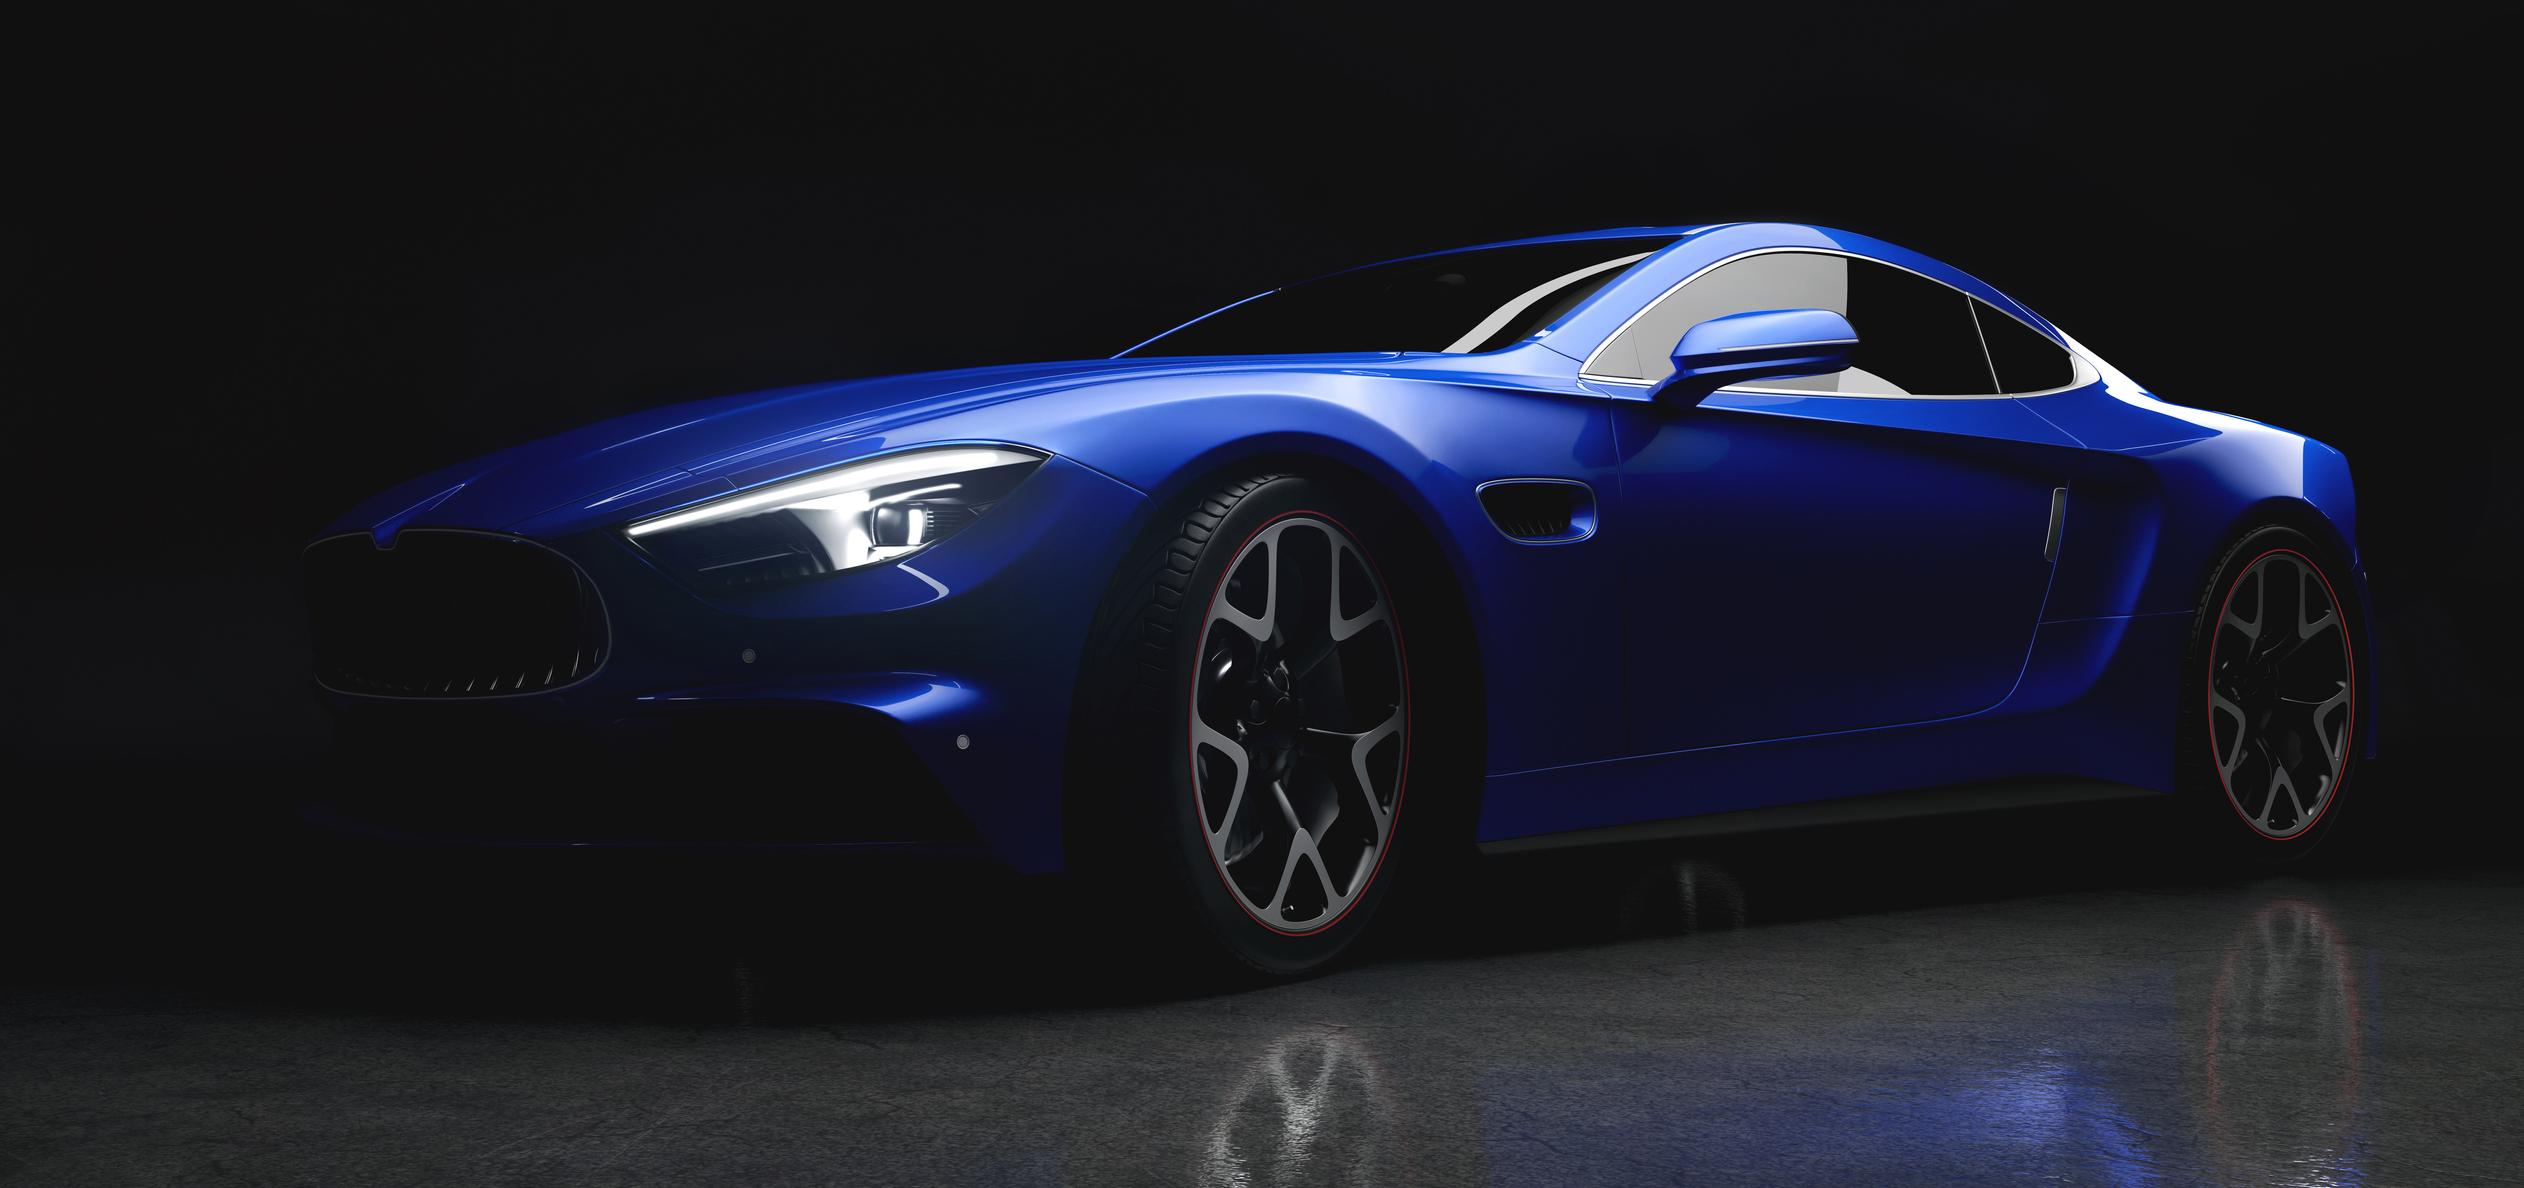 Une supercar bleue